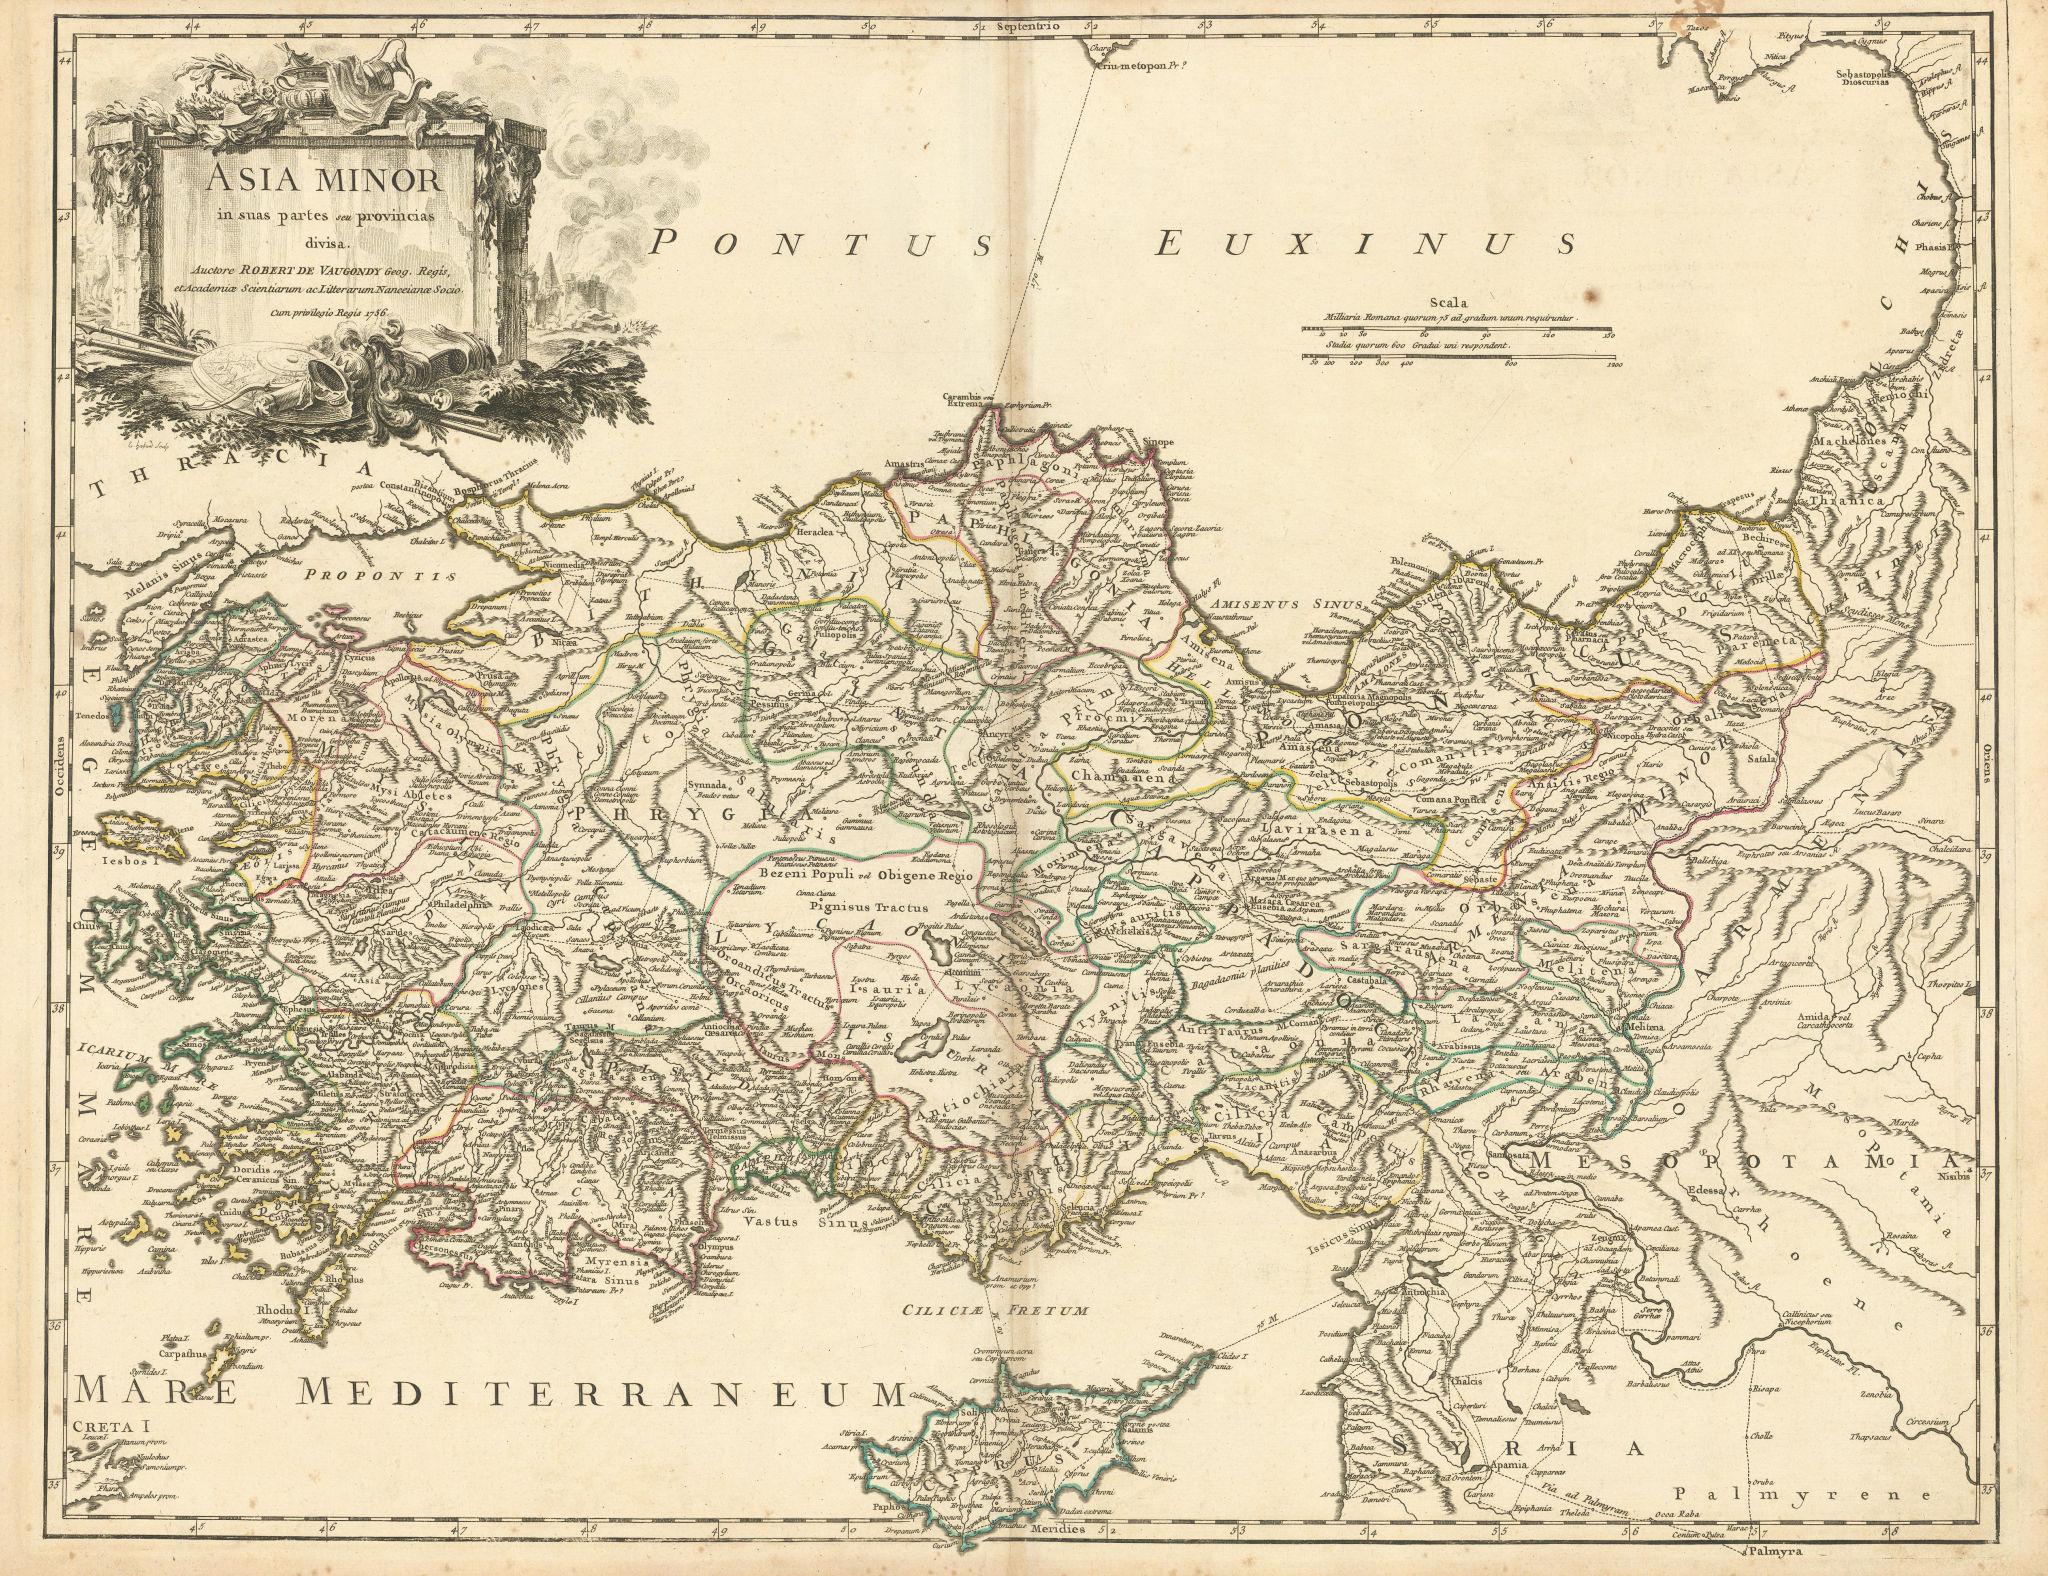 """""""Asia Minor in suas partes seu provincias divisa"""". Turkey. VAUGONDY 1756 map"""